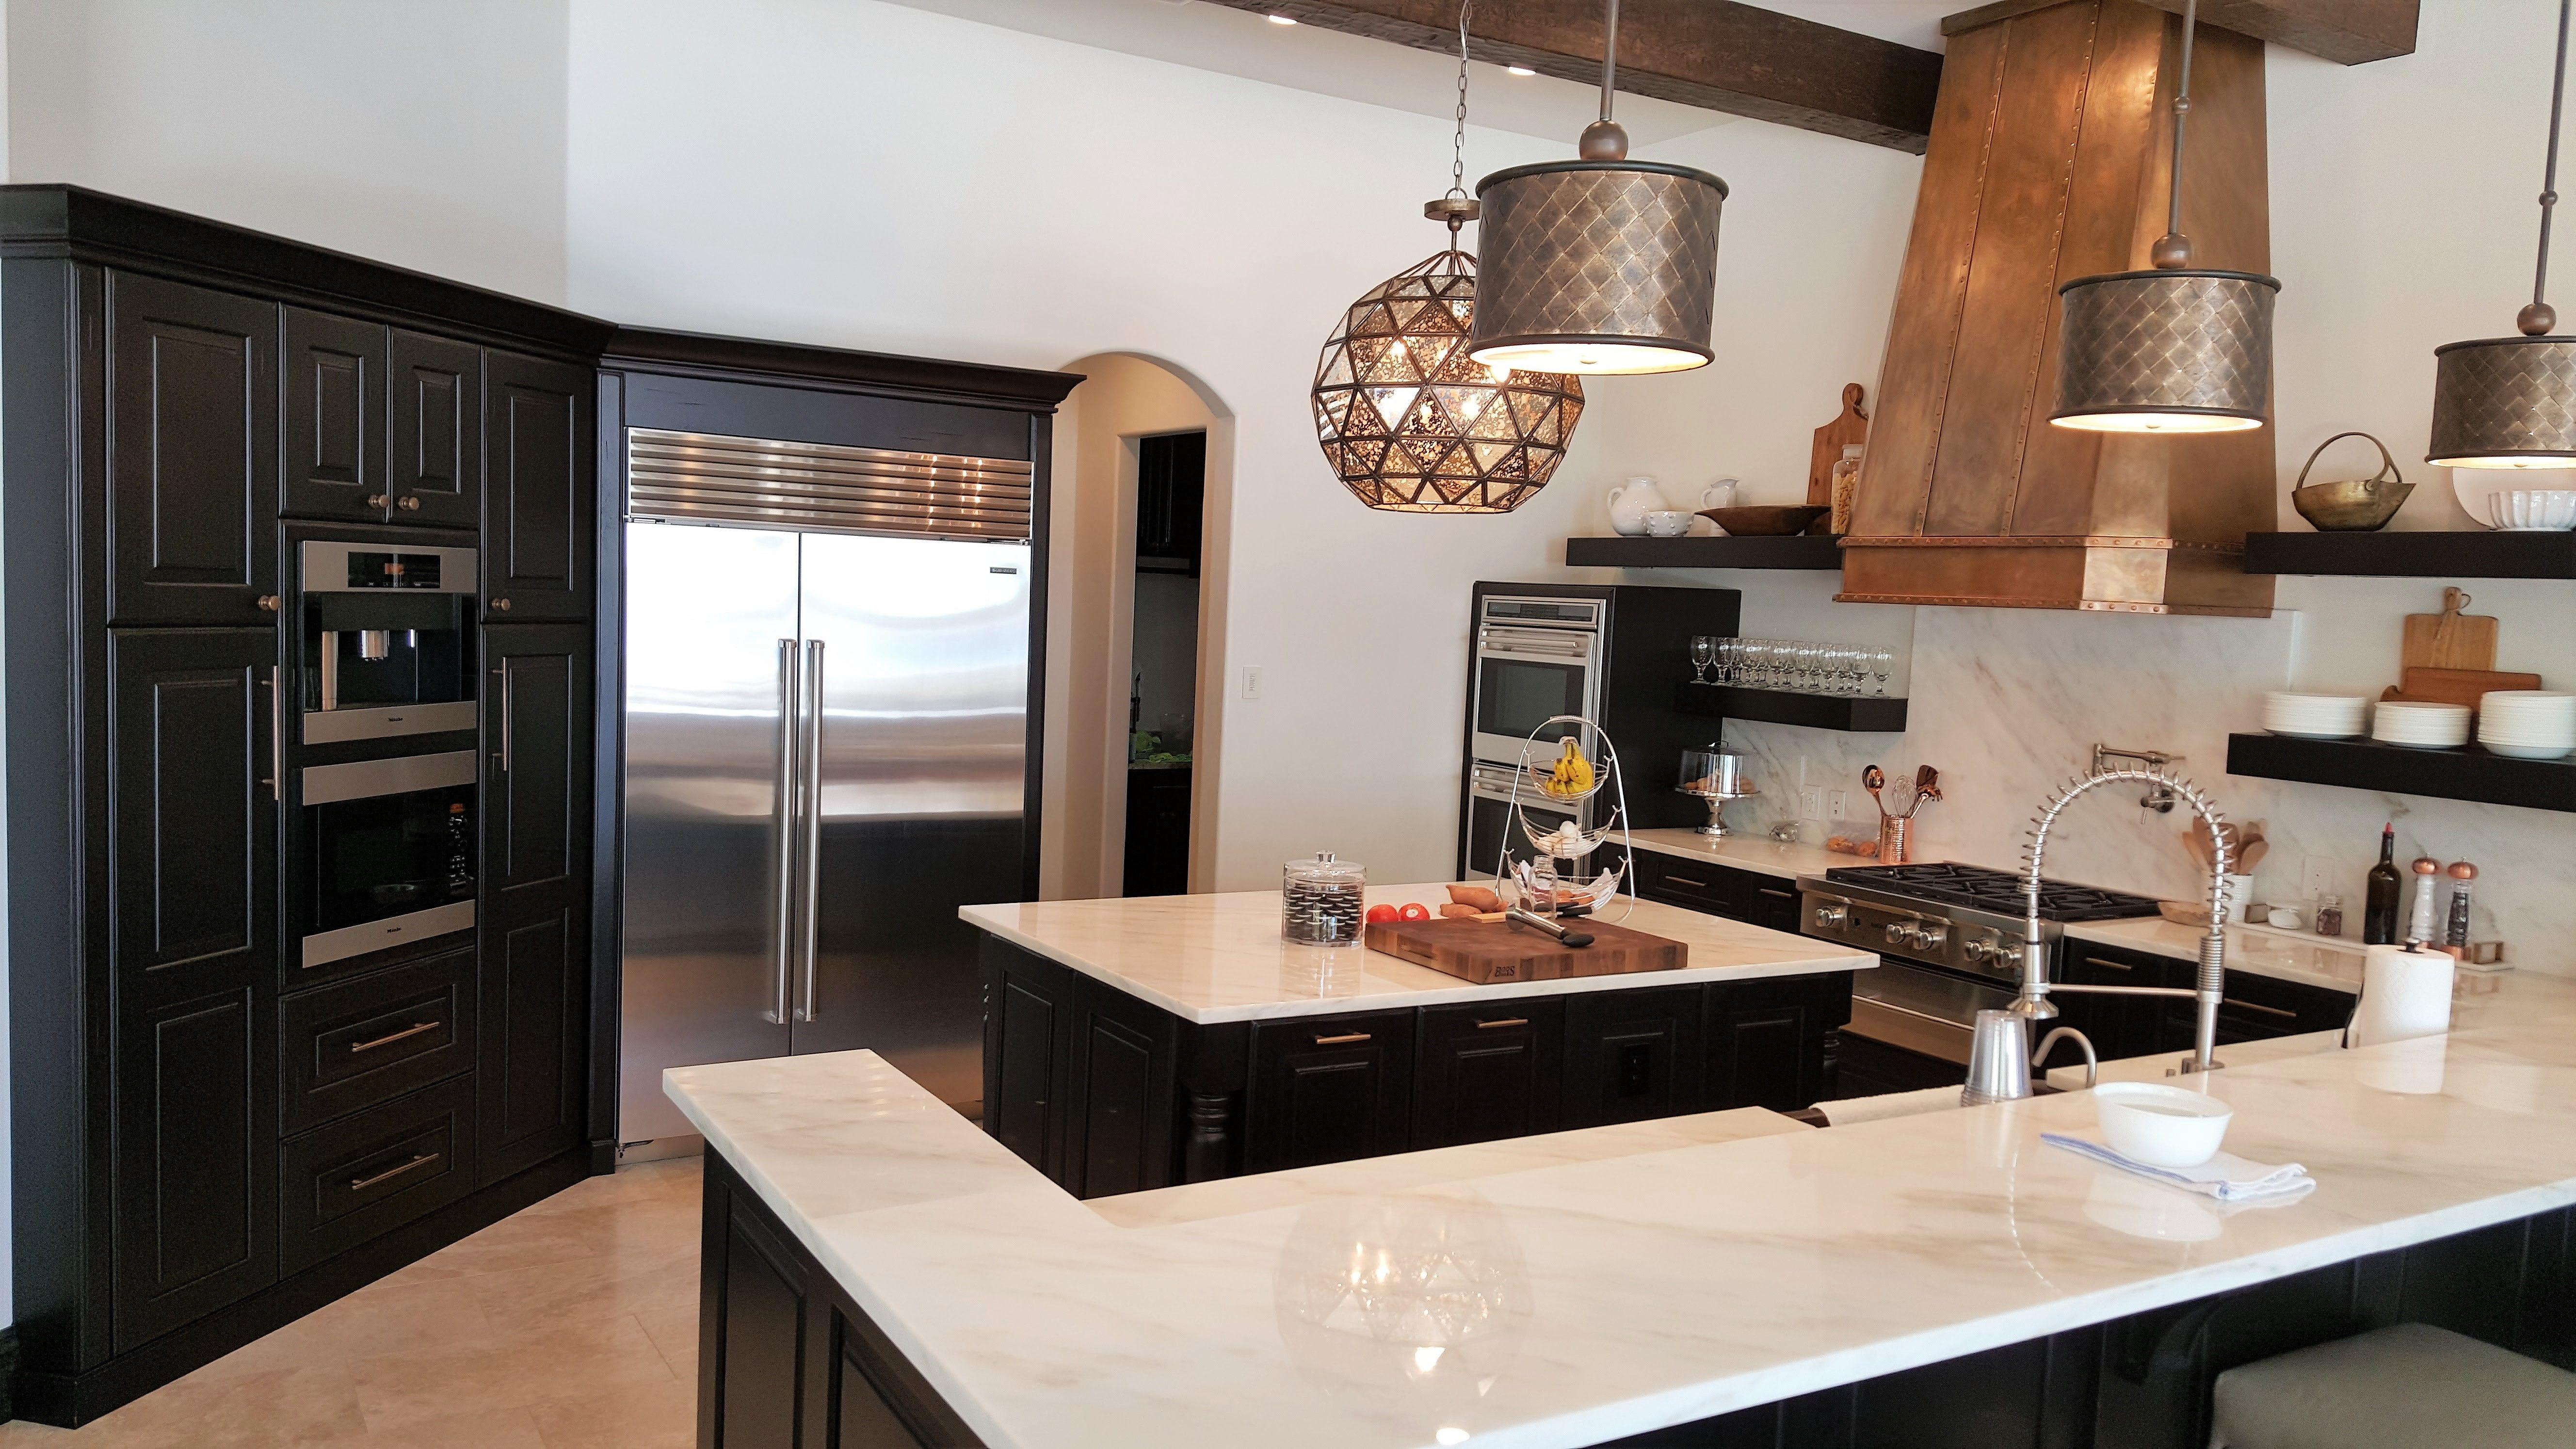 Moderno Cocinas De Diseño Baños Inc Fotos - Ideas de Decoración de ...